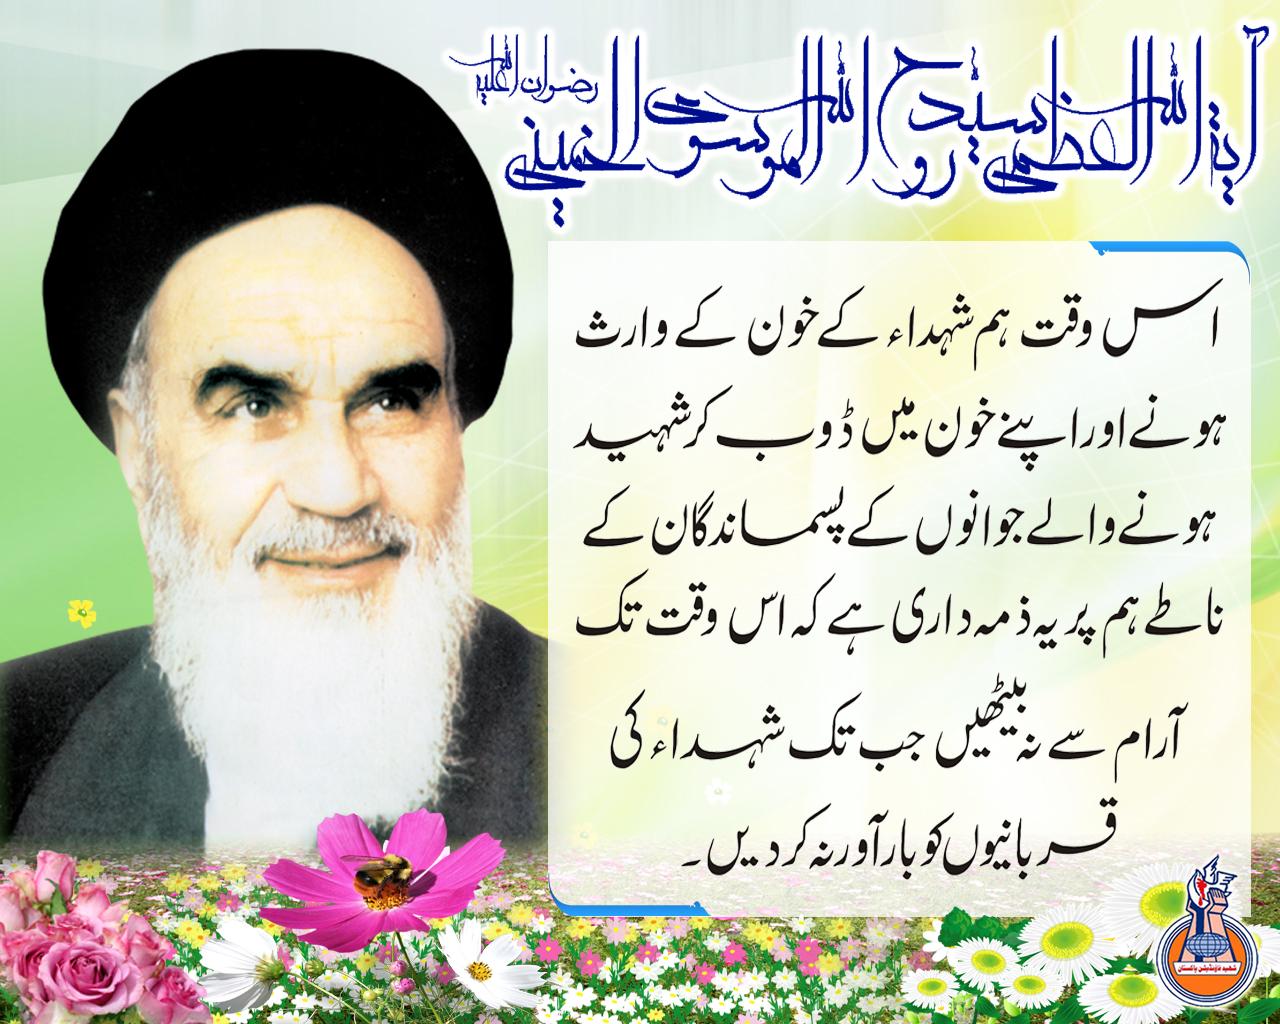 25th Barsi-e-Rahber-e-Kabeer,Imam Sayyid Roohallah Al-Musovi al-Khomeini[RA]